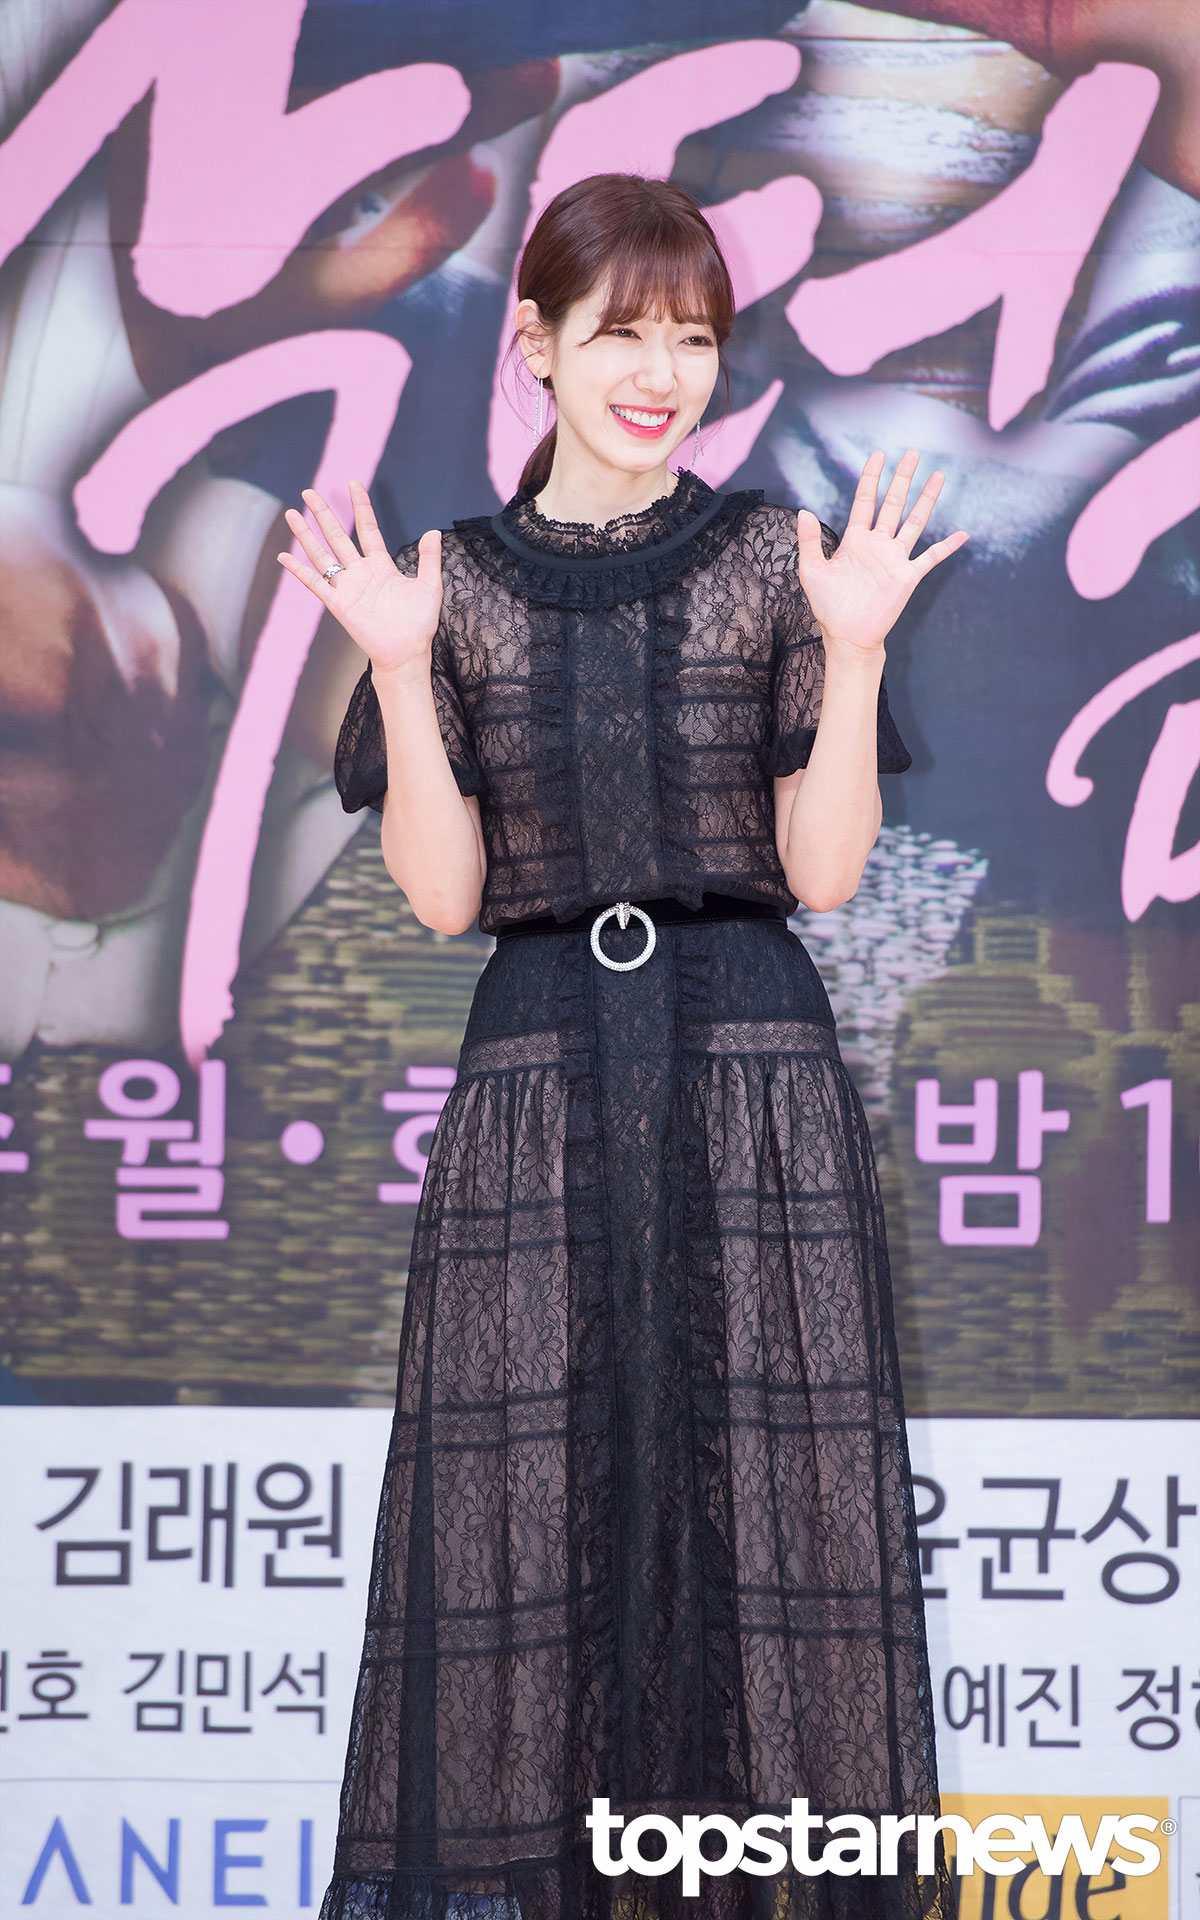 沒錯~「她」就是我們今天的女主角,演員朴信惠!